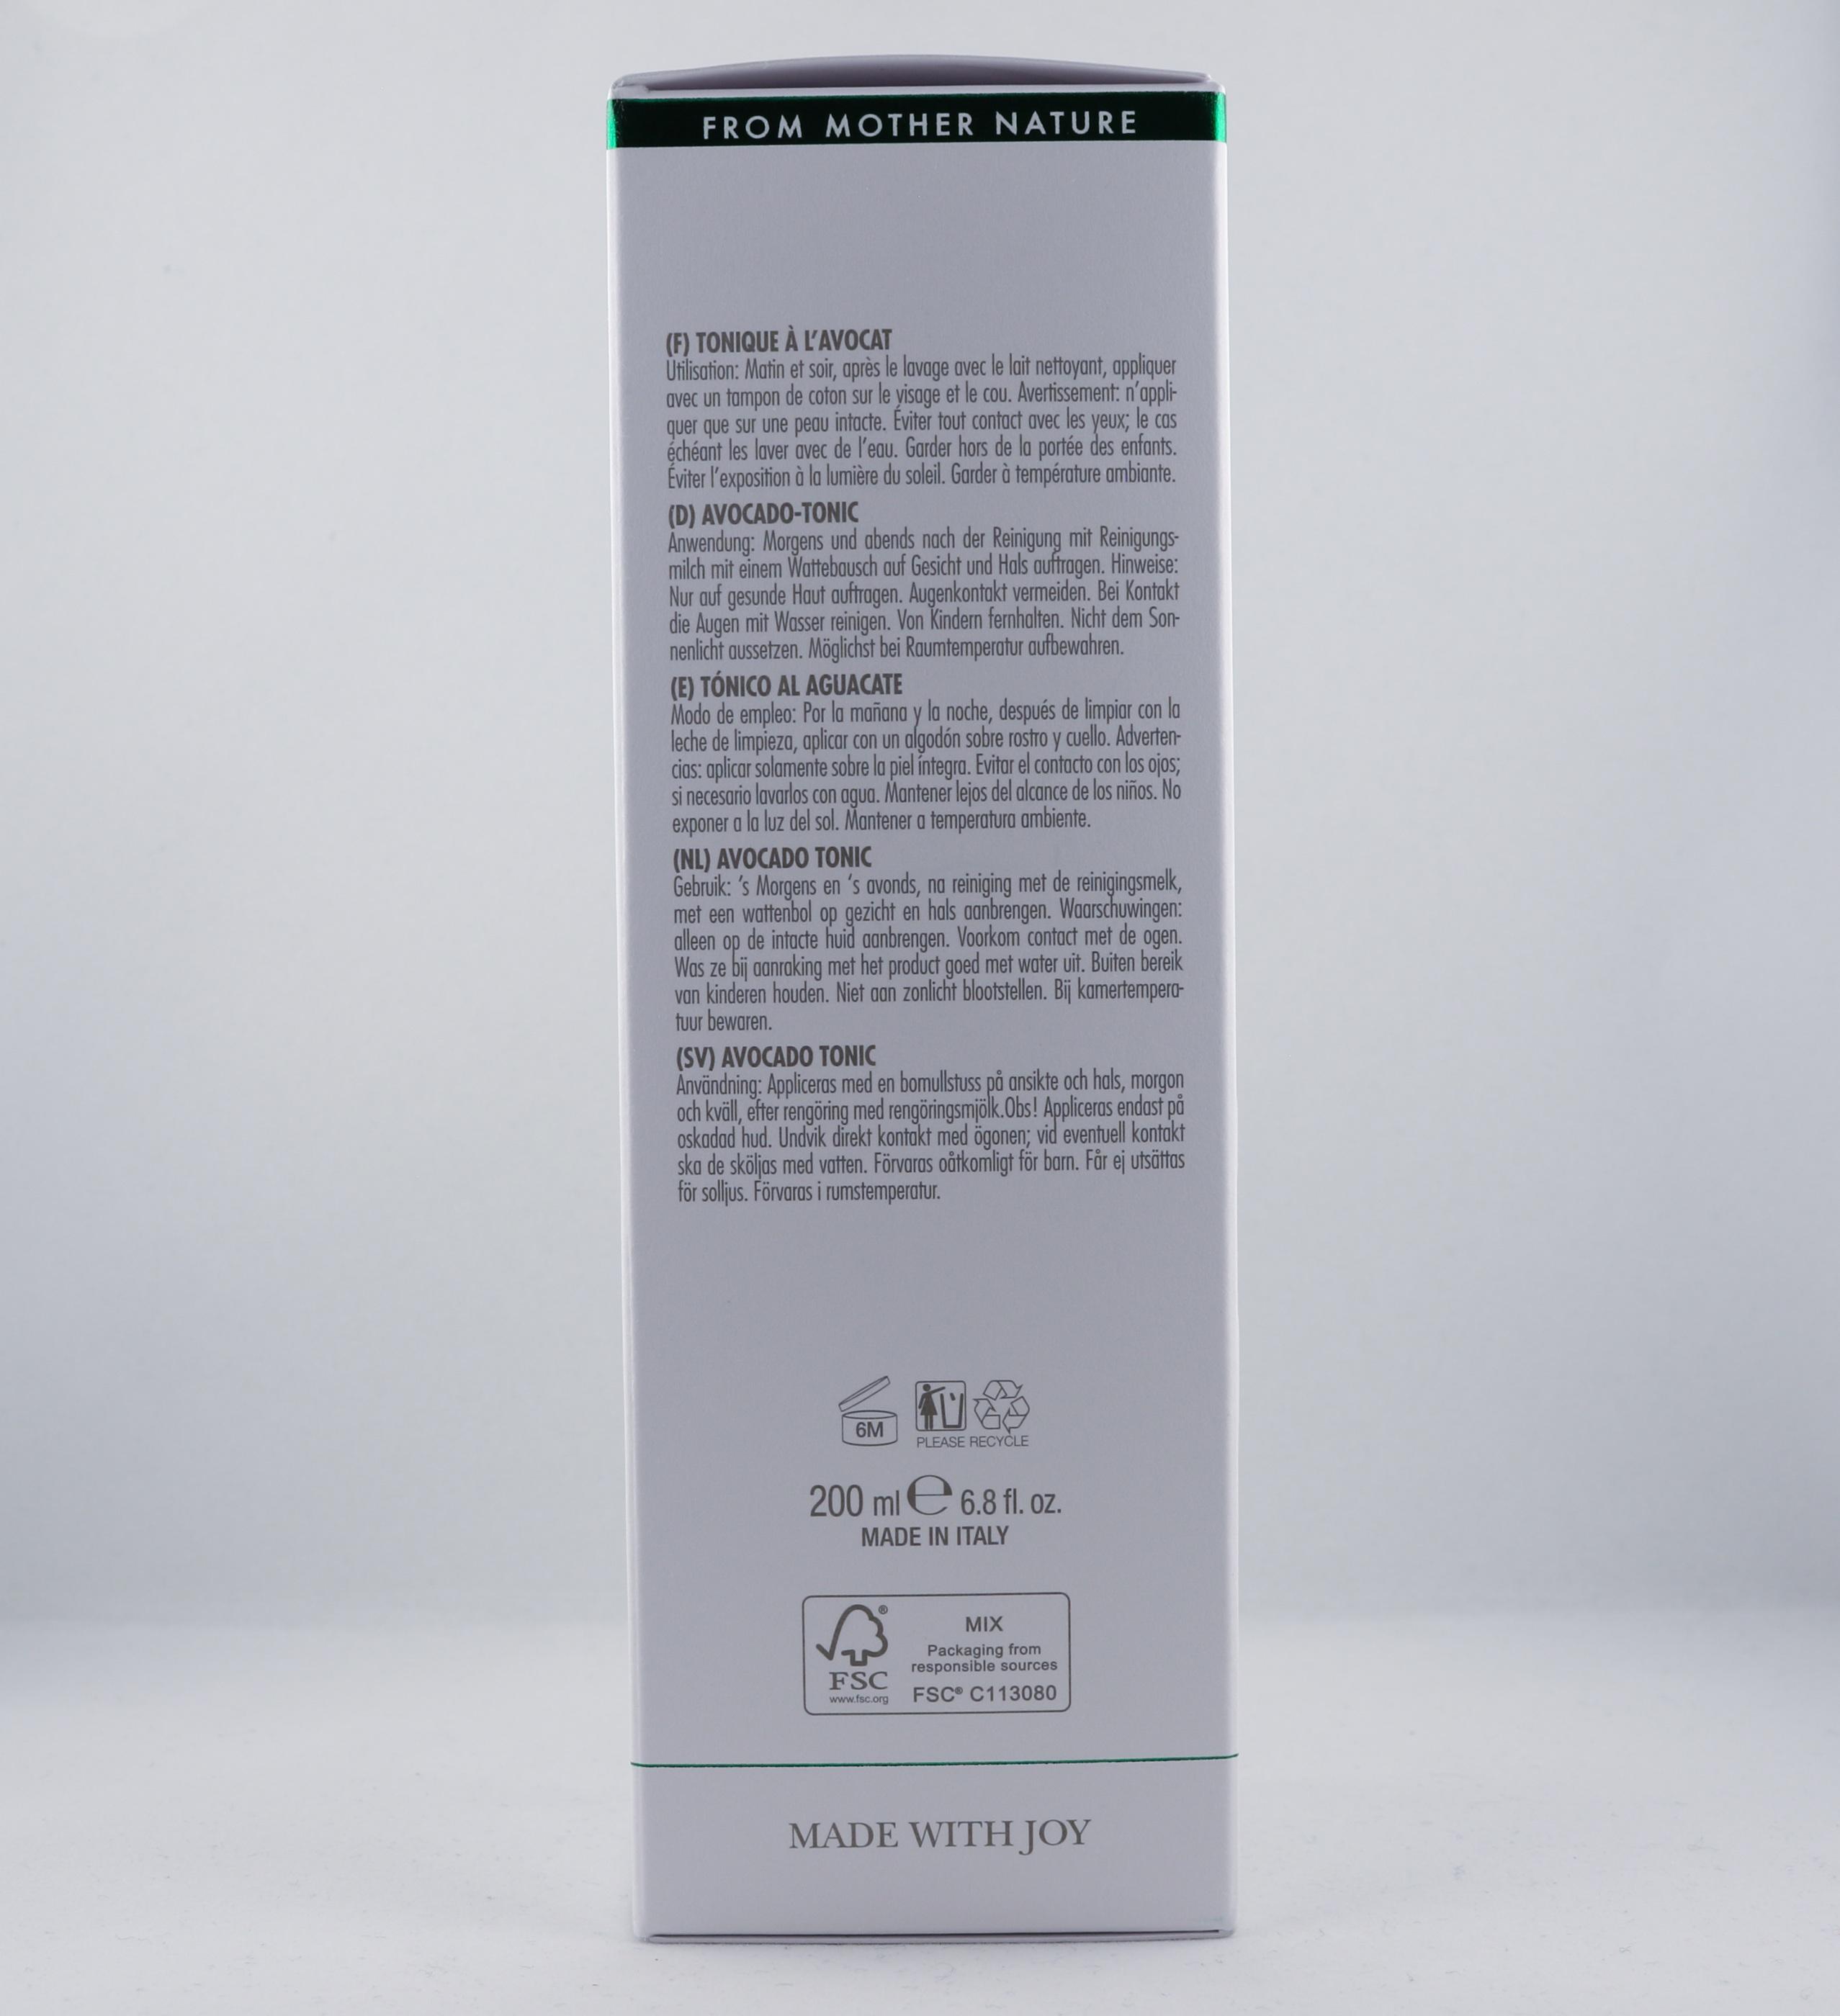 Vata Avocado Face Tonic hudvårdsprodukt hudvårdstyp alternativ hälsa wellness ayurveda hudvård